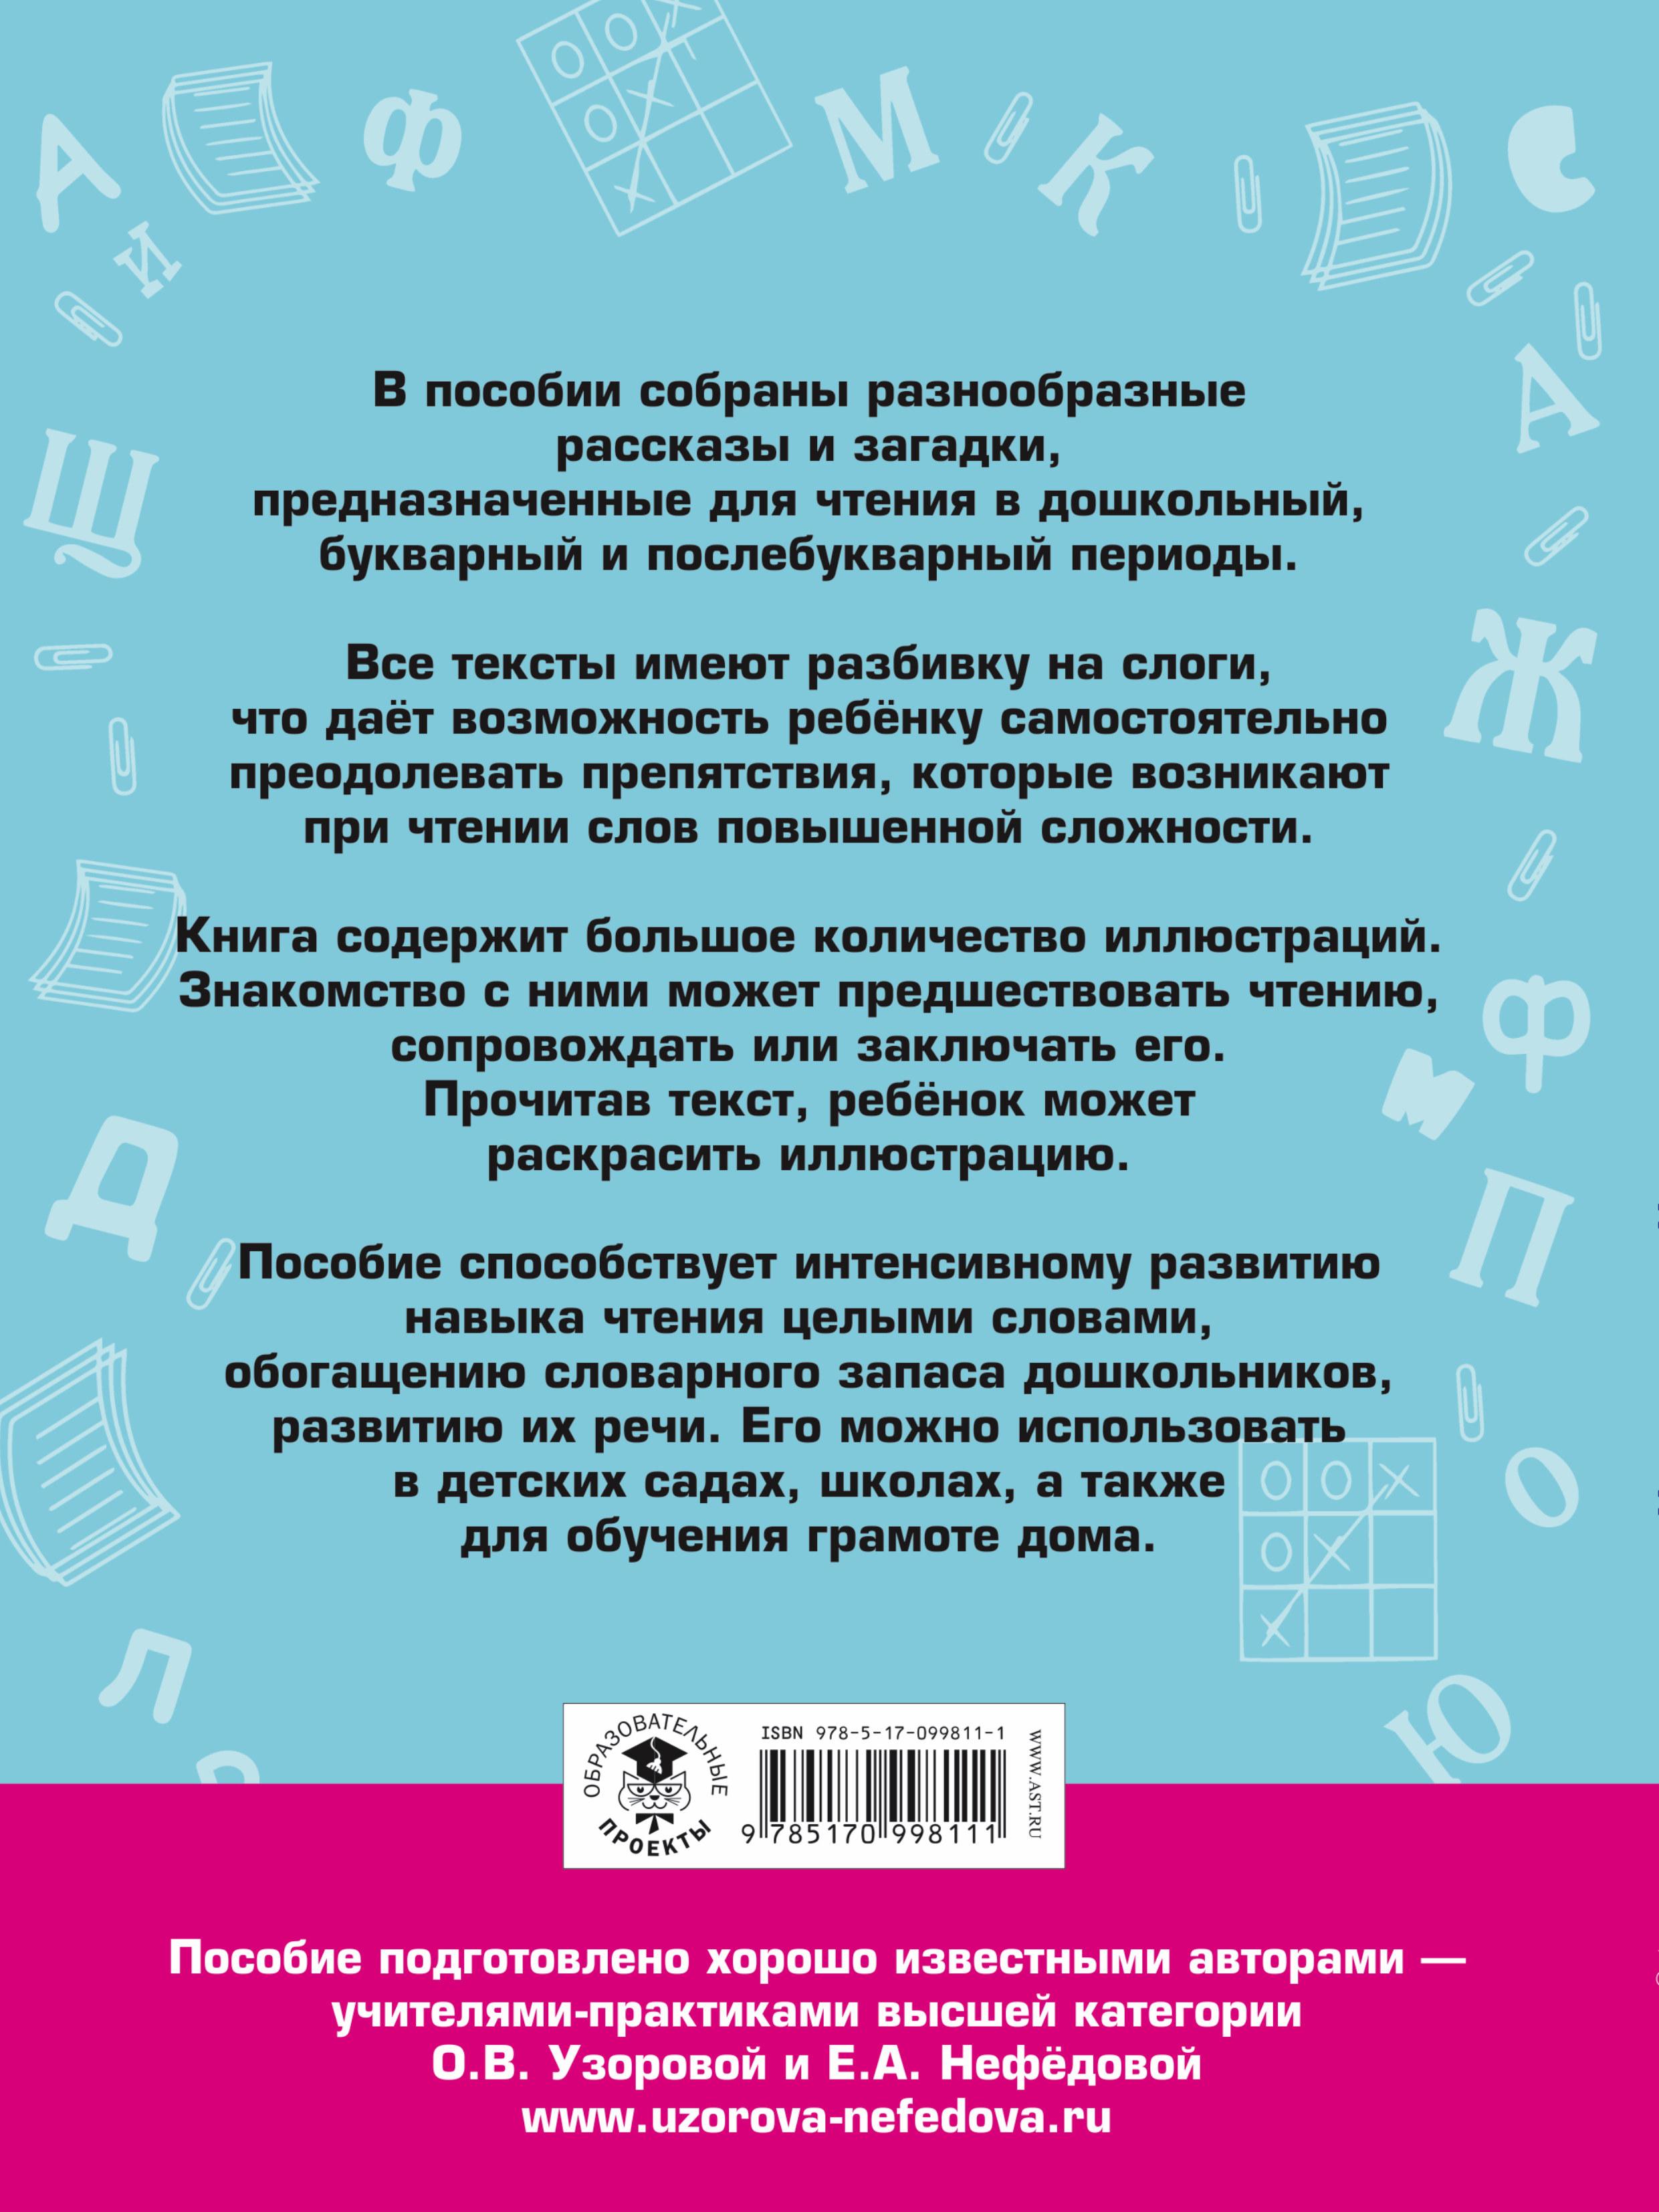 О. В. Узорова, Е. А. Нефедова. 100 познавательных текстов для обучения детей чтению